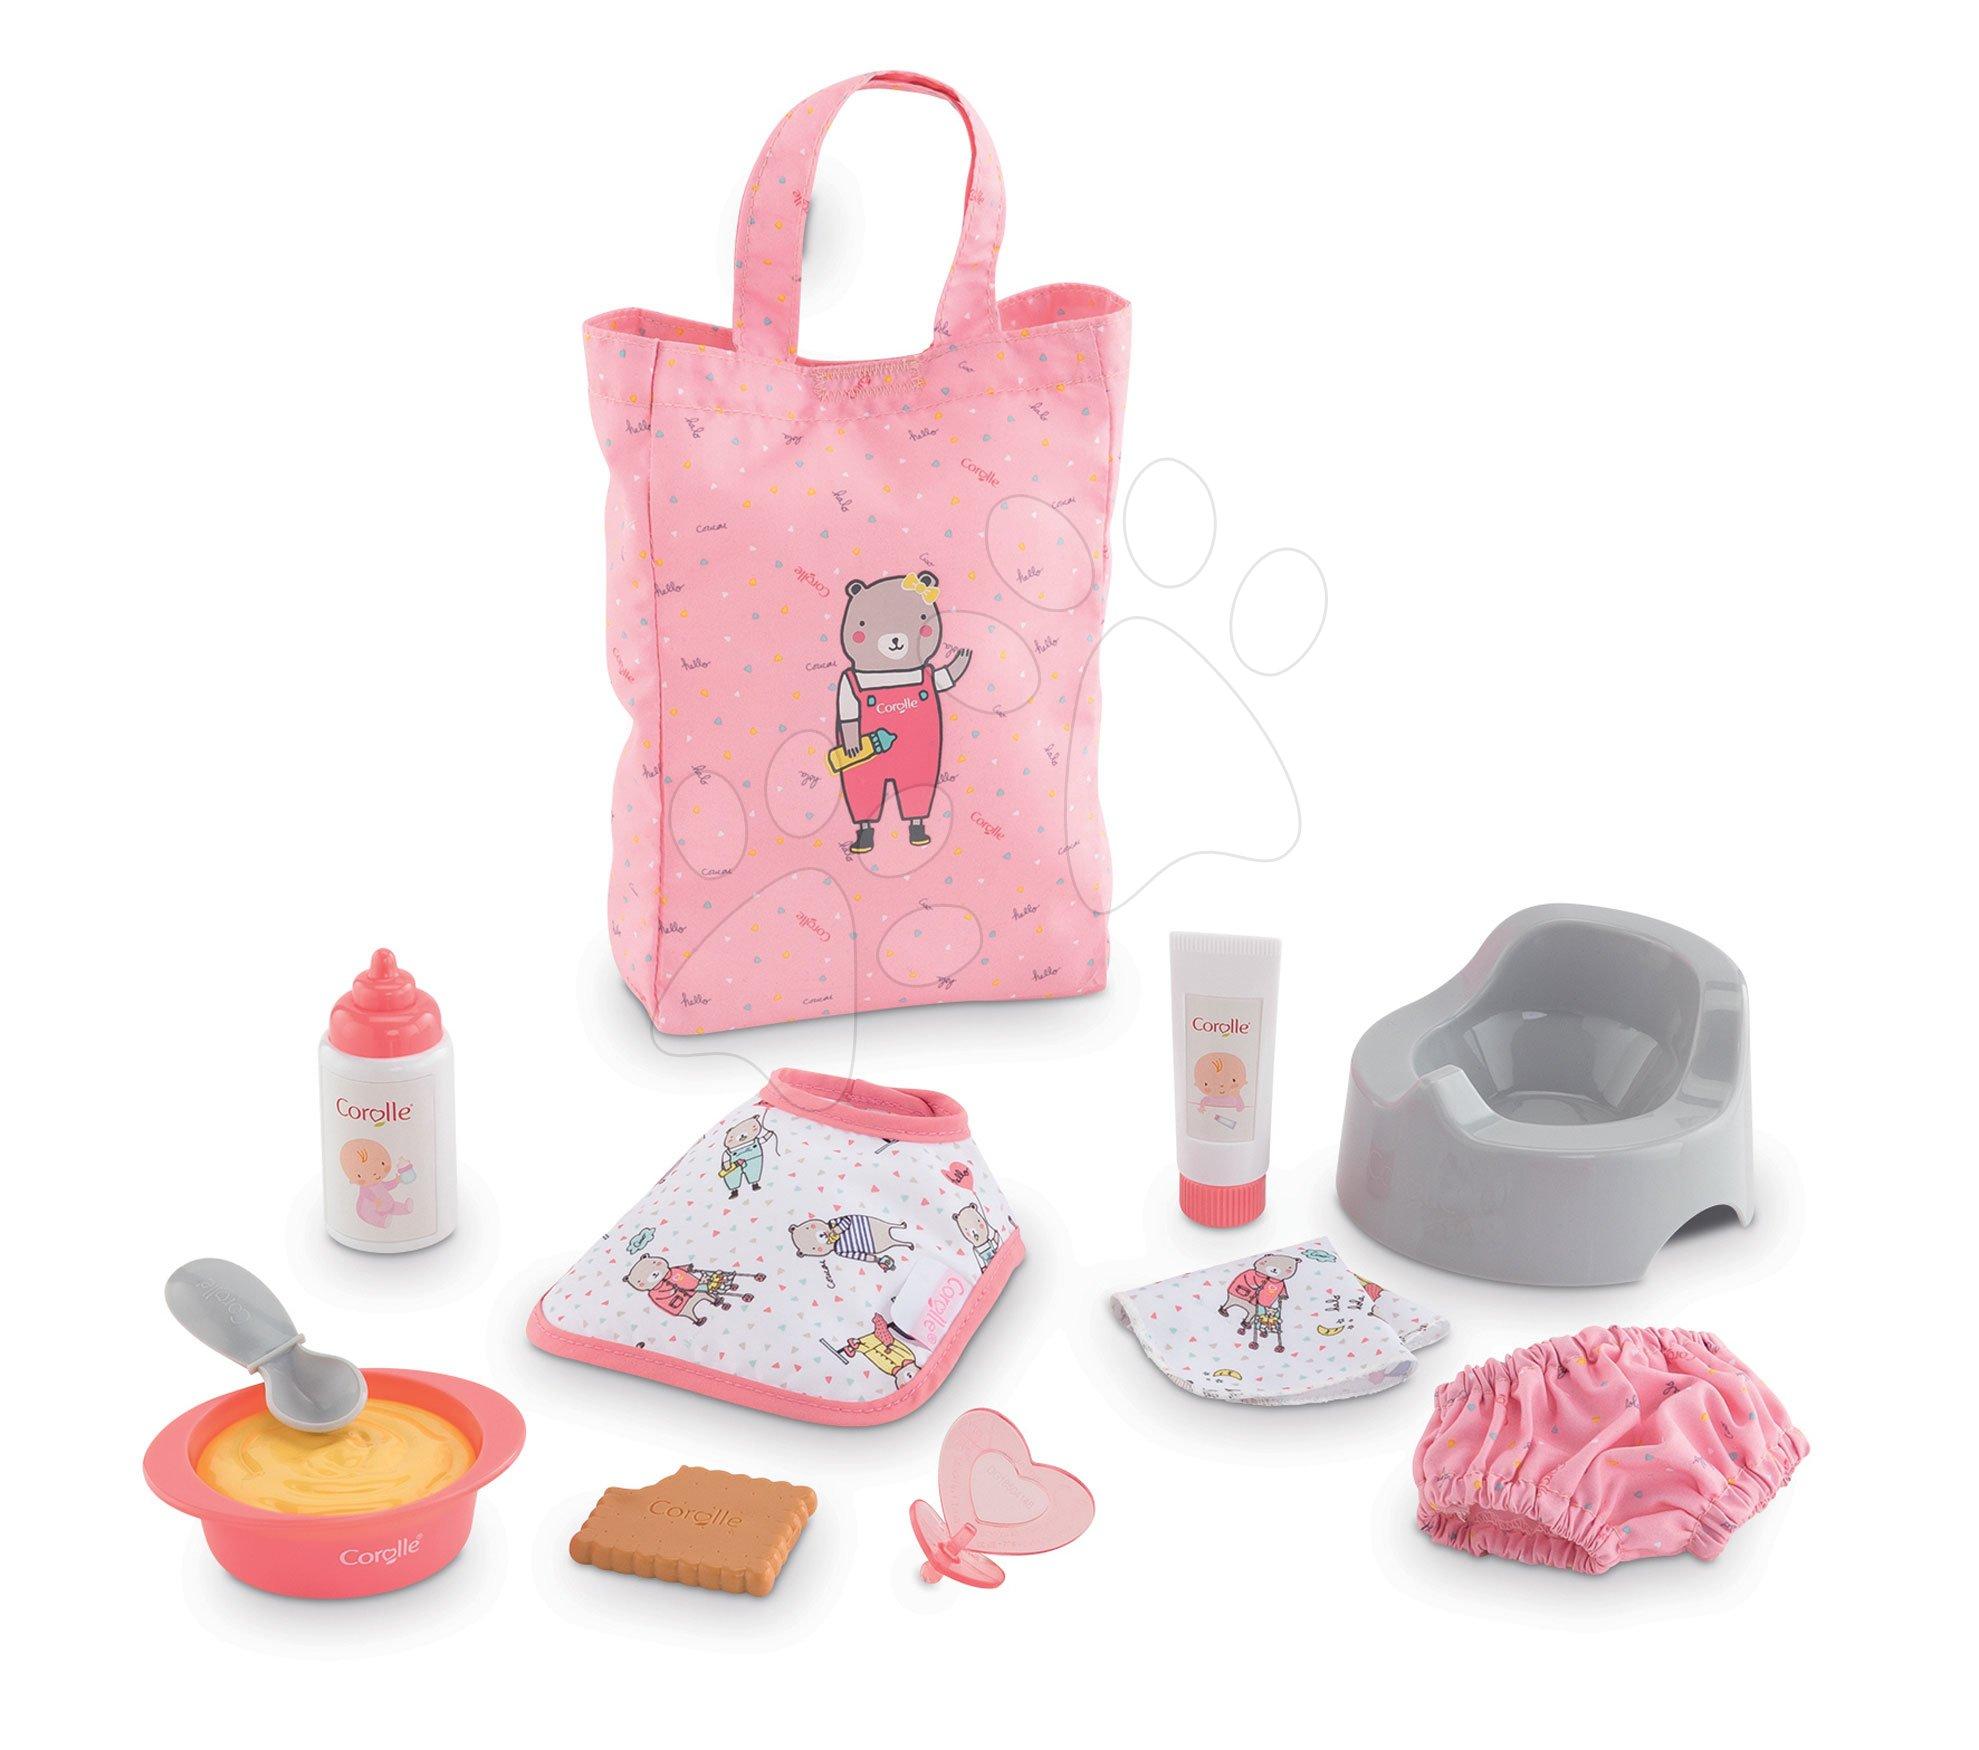 Doplňky pro panenku Large Accessories Set Corolle v plátěné tašce pro 30 cm panenku od 18 měs